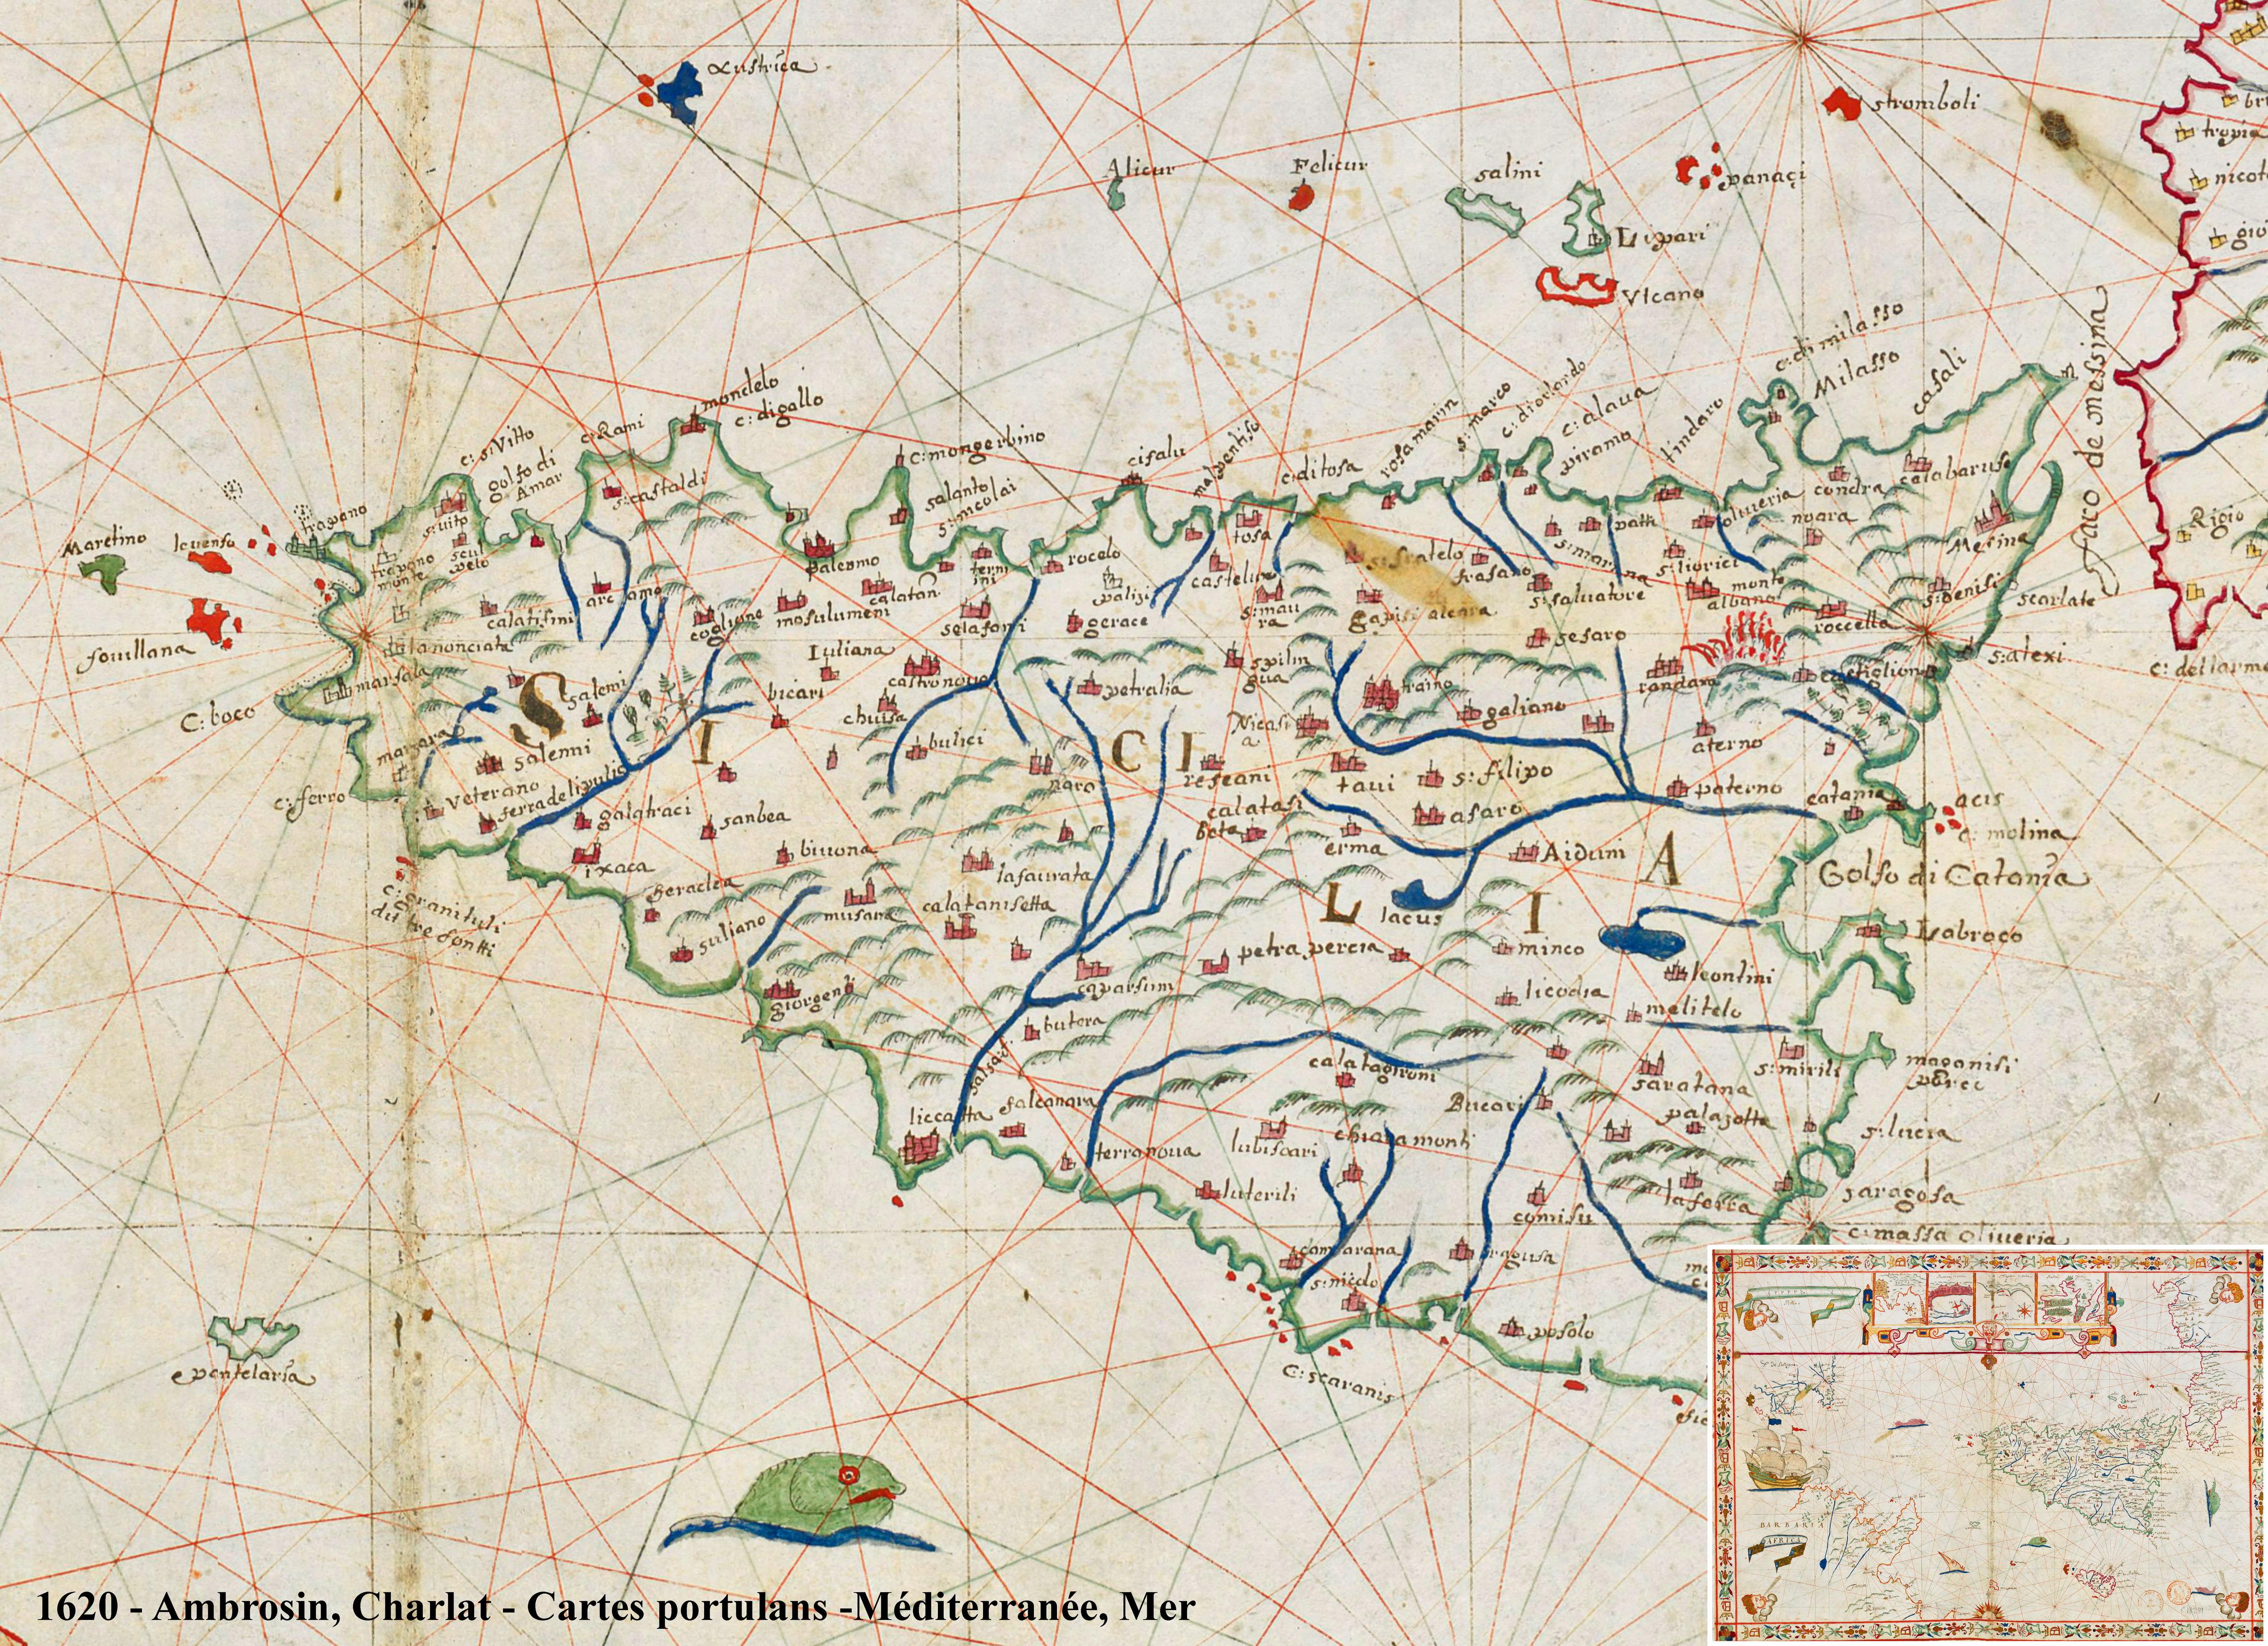 foto Atlas nautique de la Mer Méditerranée, de l'Océan Atlantique nord-est et d'une partie de la Mer Noire